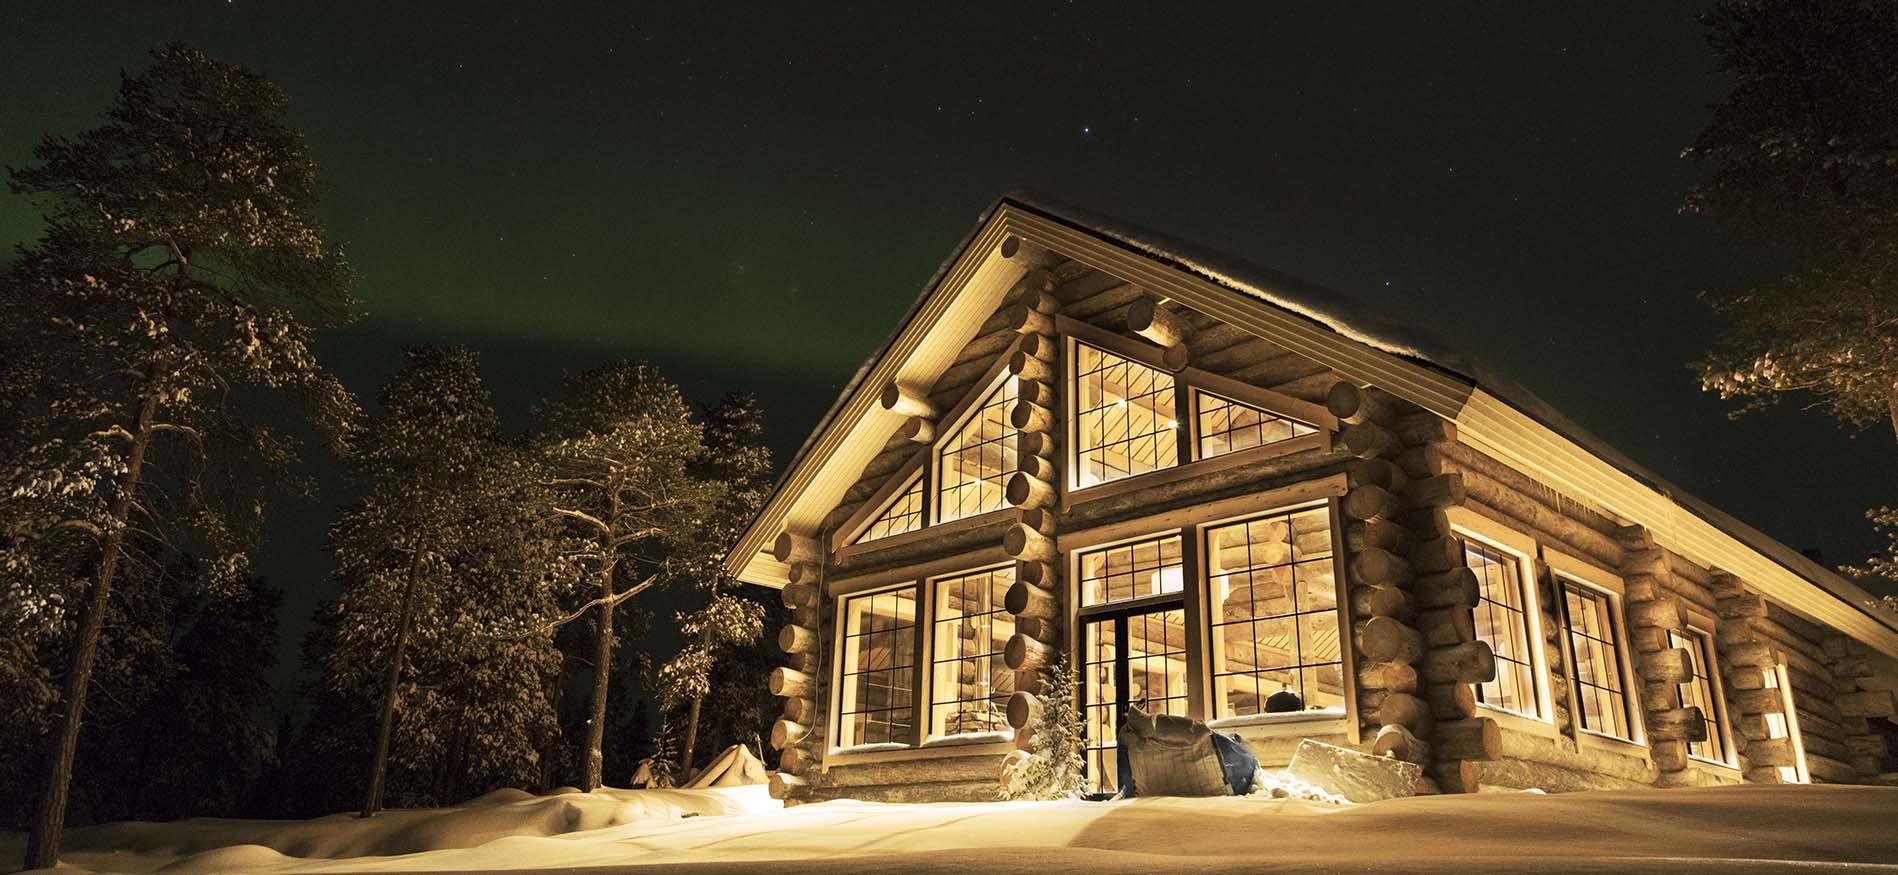 Afbeeldingsresultaat voor wilderness hotel nangu